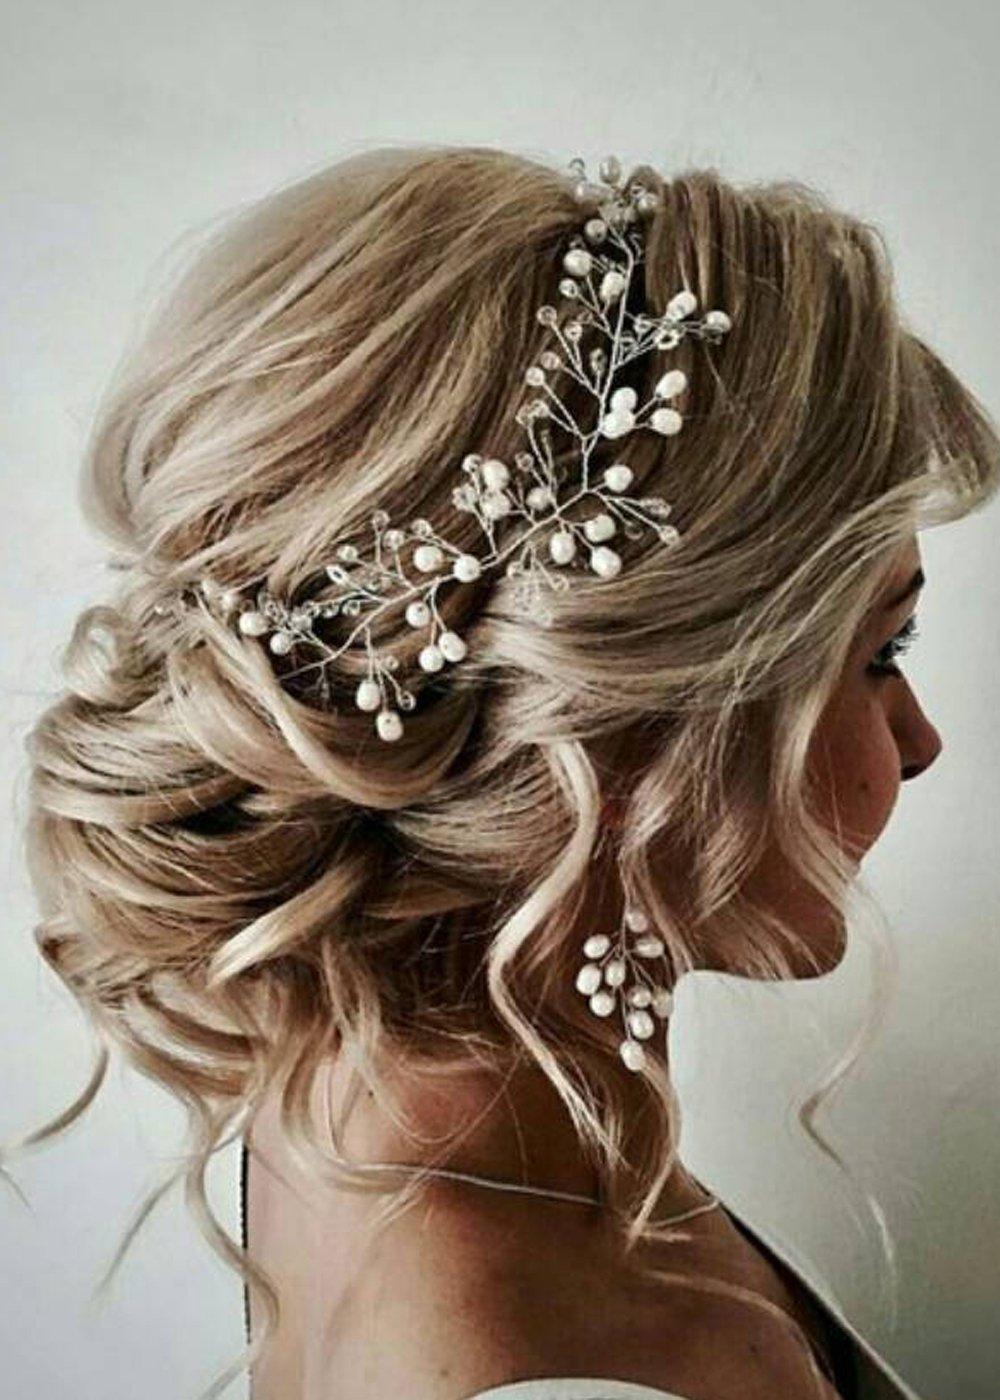 Bridal hair vine Wedding hair accessories Bridal hair piece Wedding unique hair piece Wedding hair piece Flower hair piece pearls crystals